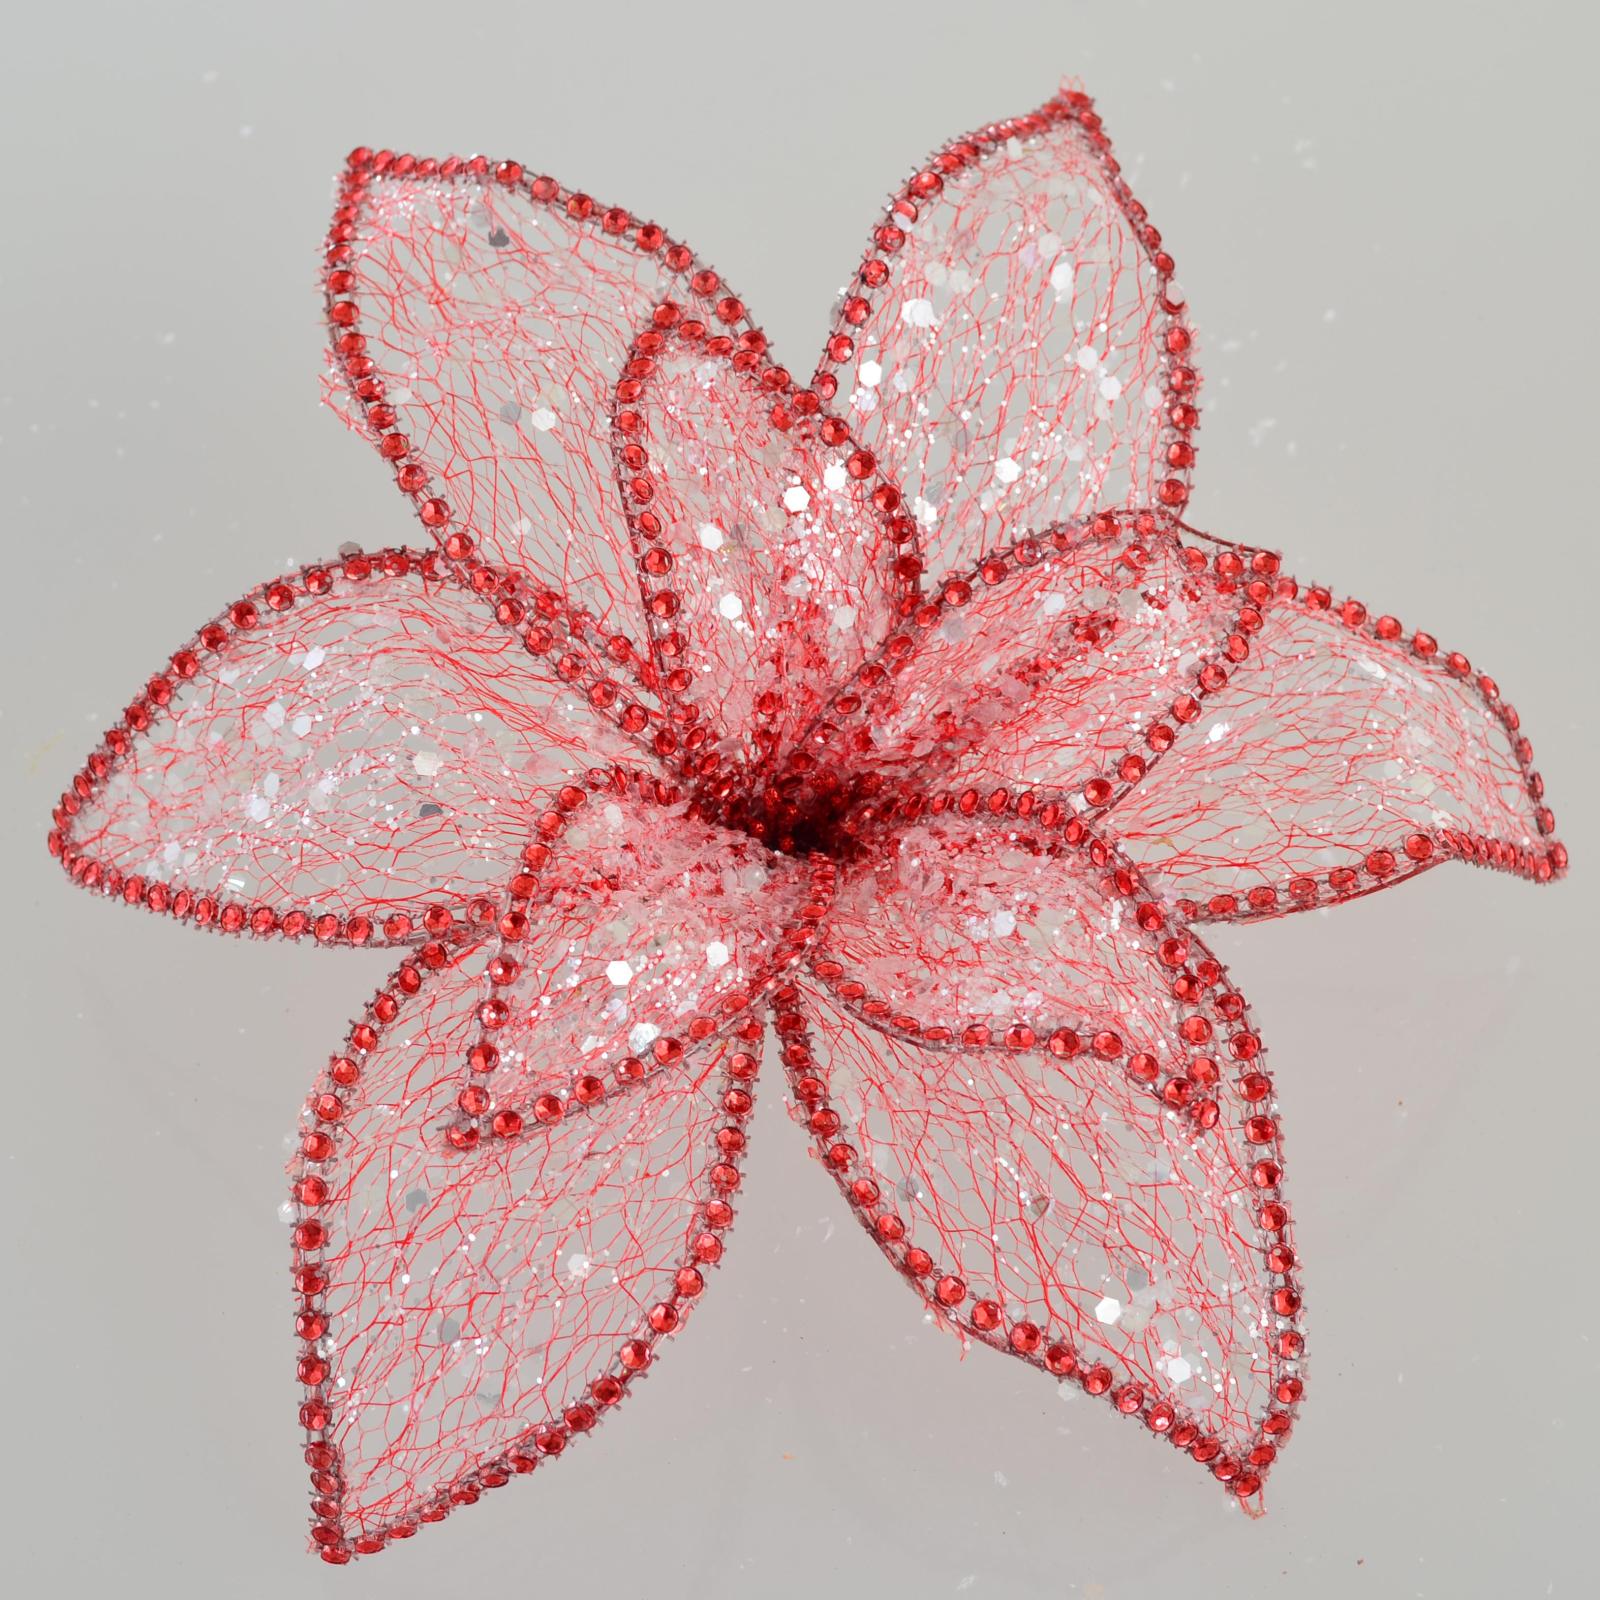 Украшение декоративное YES! Fun Цветок пуансеттии Северное сияние красный, 24*24см (750298)